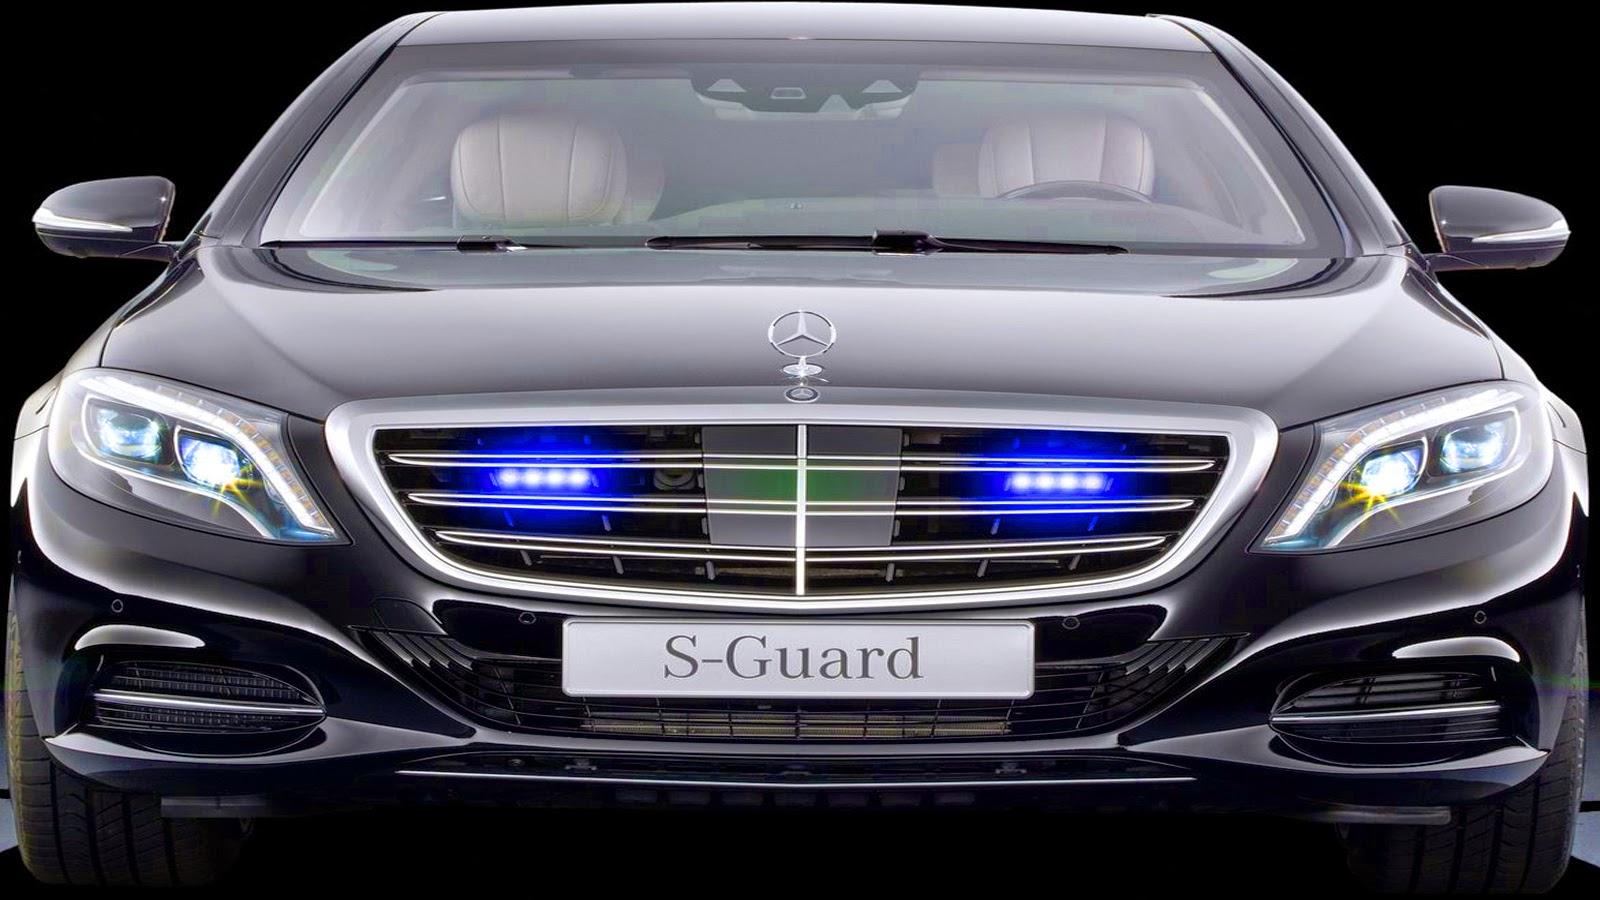 Mercedes benz s 600 guard vr9 2015 aut5 6 0 v12 biturbo for 2015 mercedes benz s 600